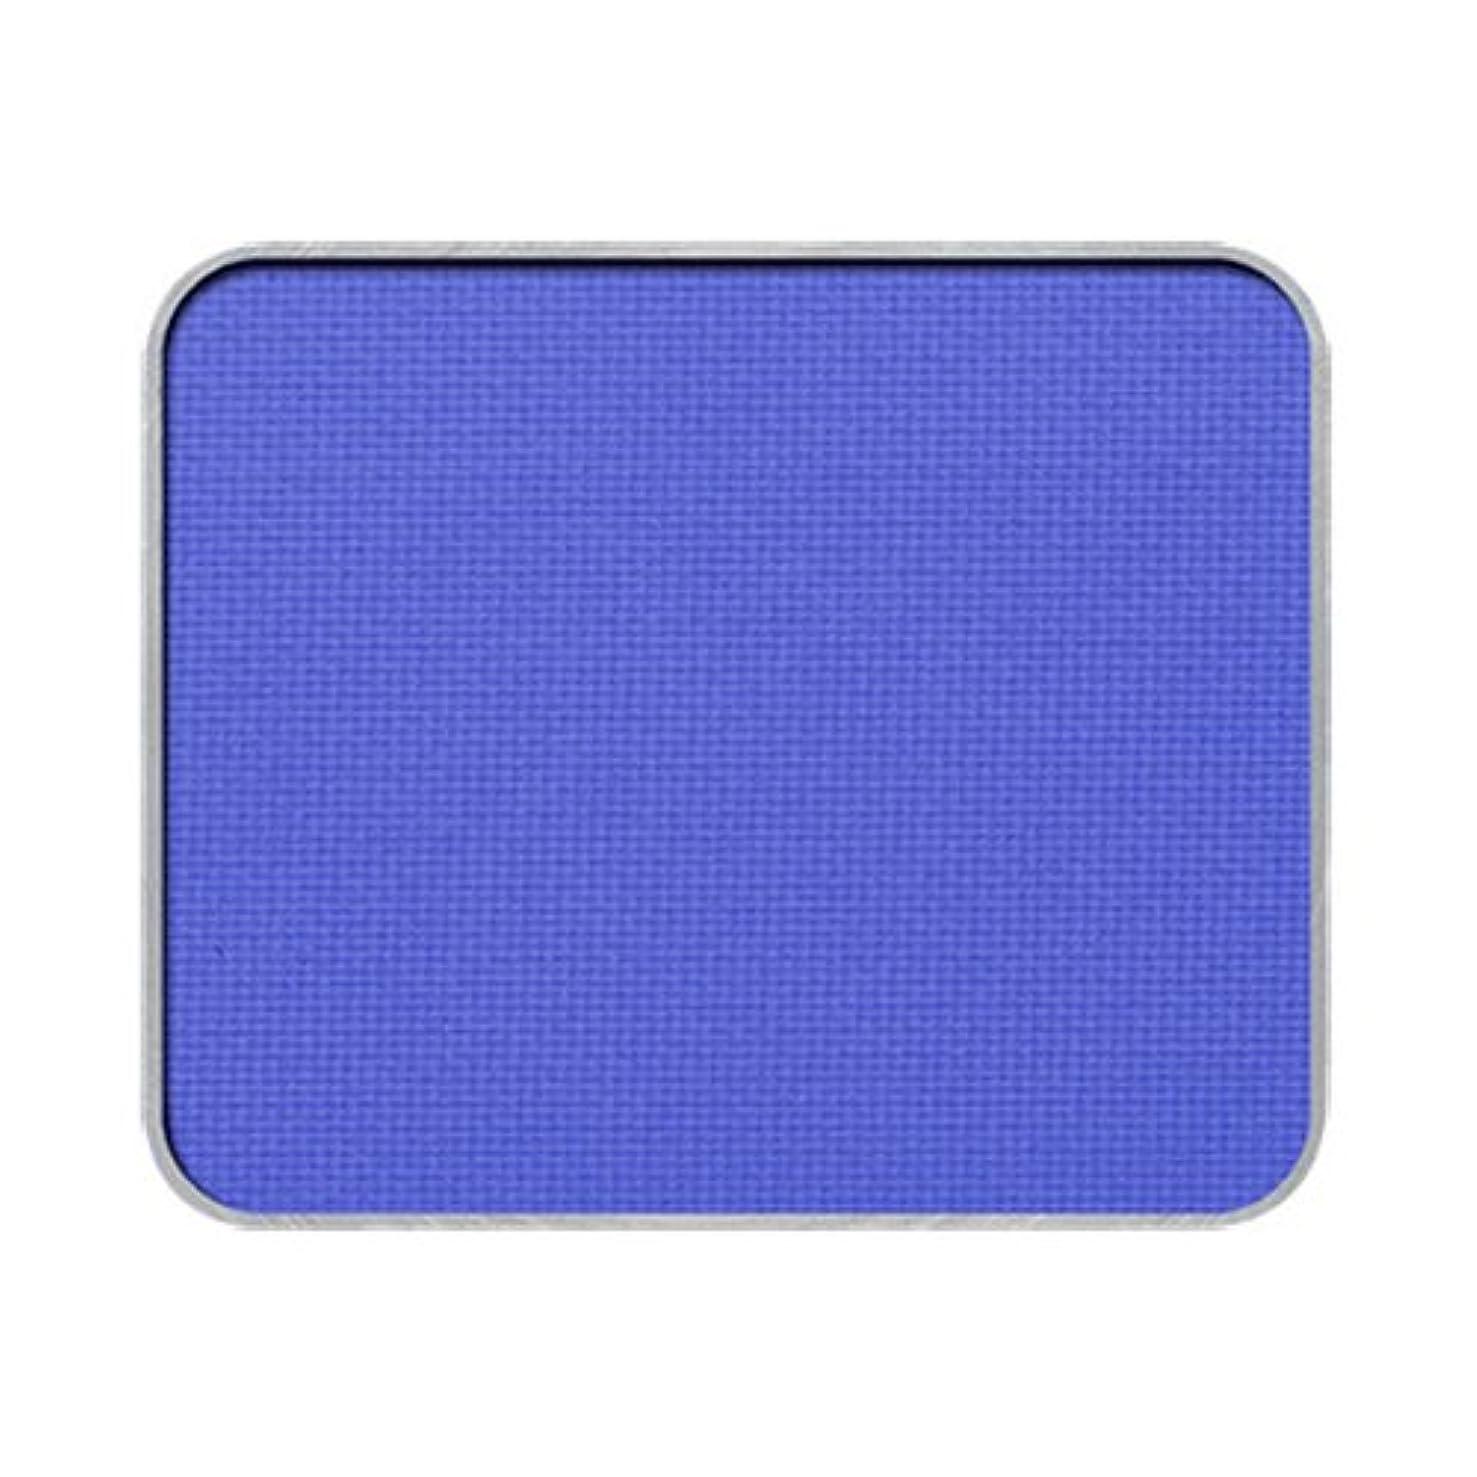 参照政治家中世のプレスド アイシャドー (レフィル) S ブルー 665